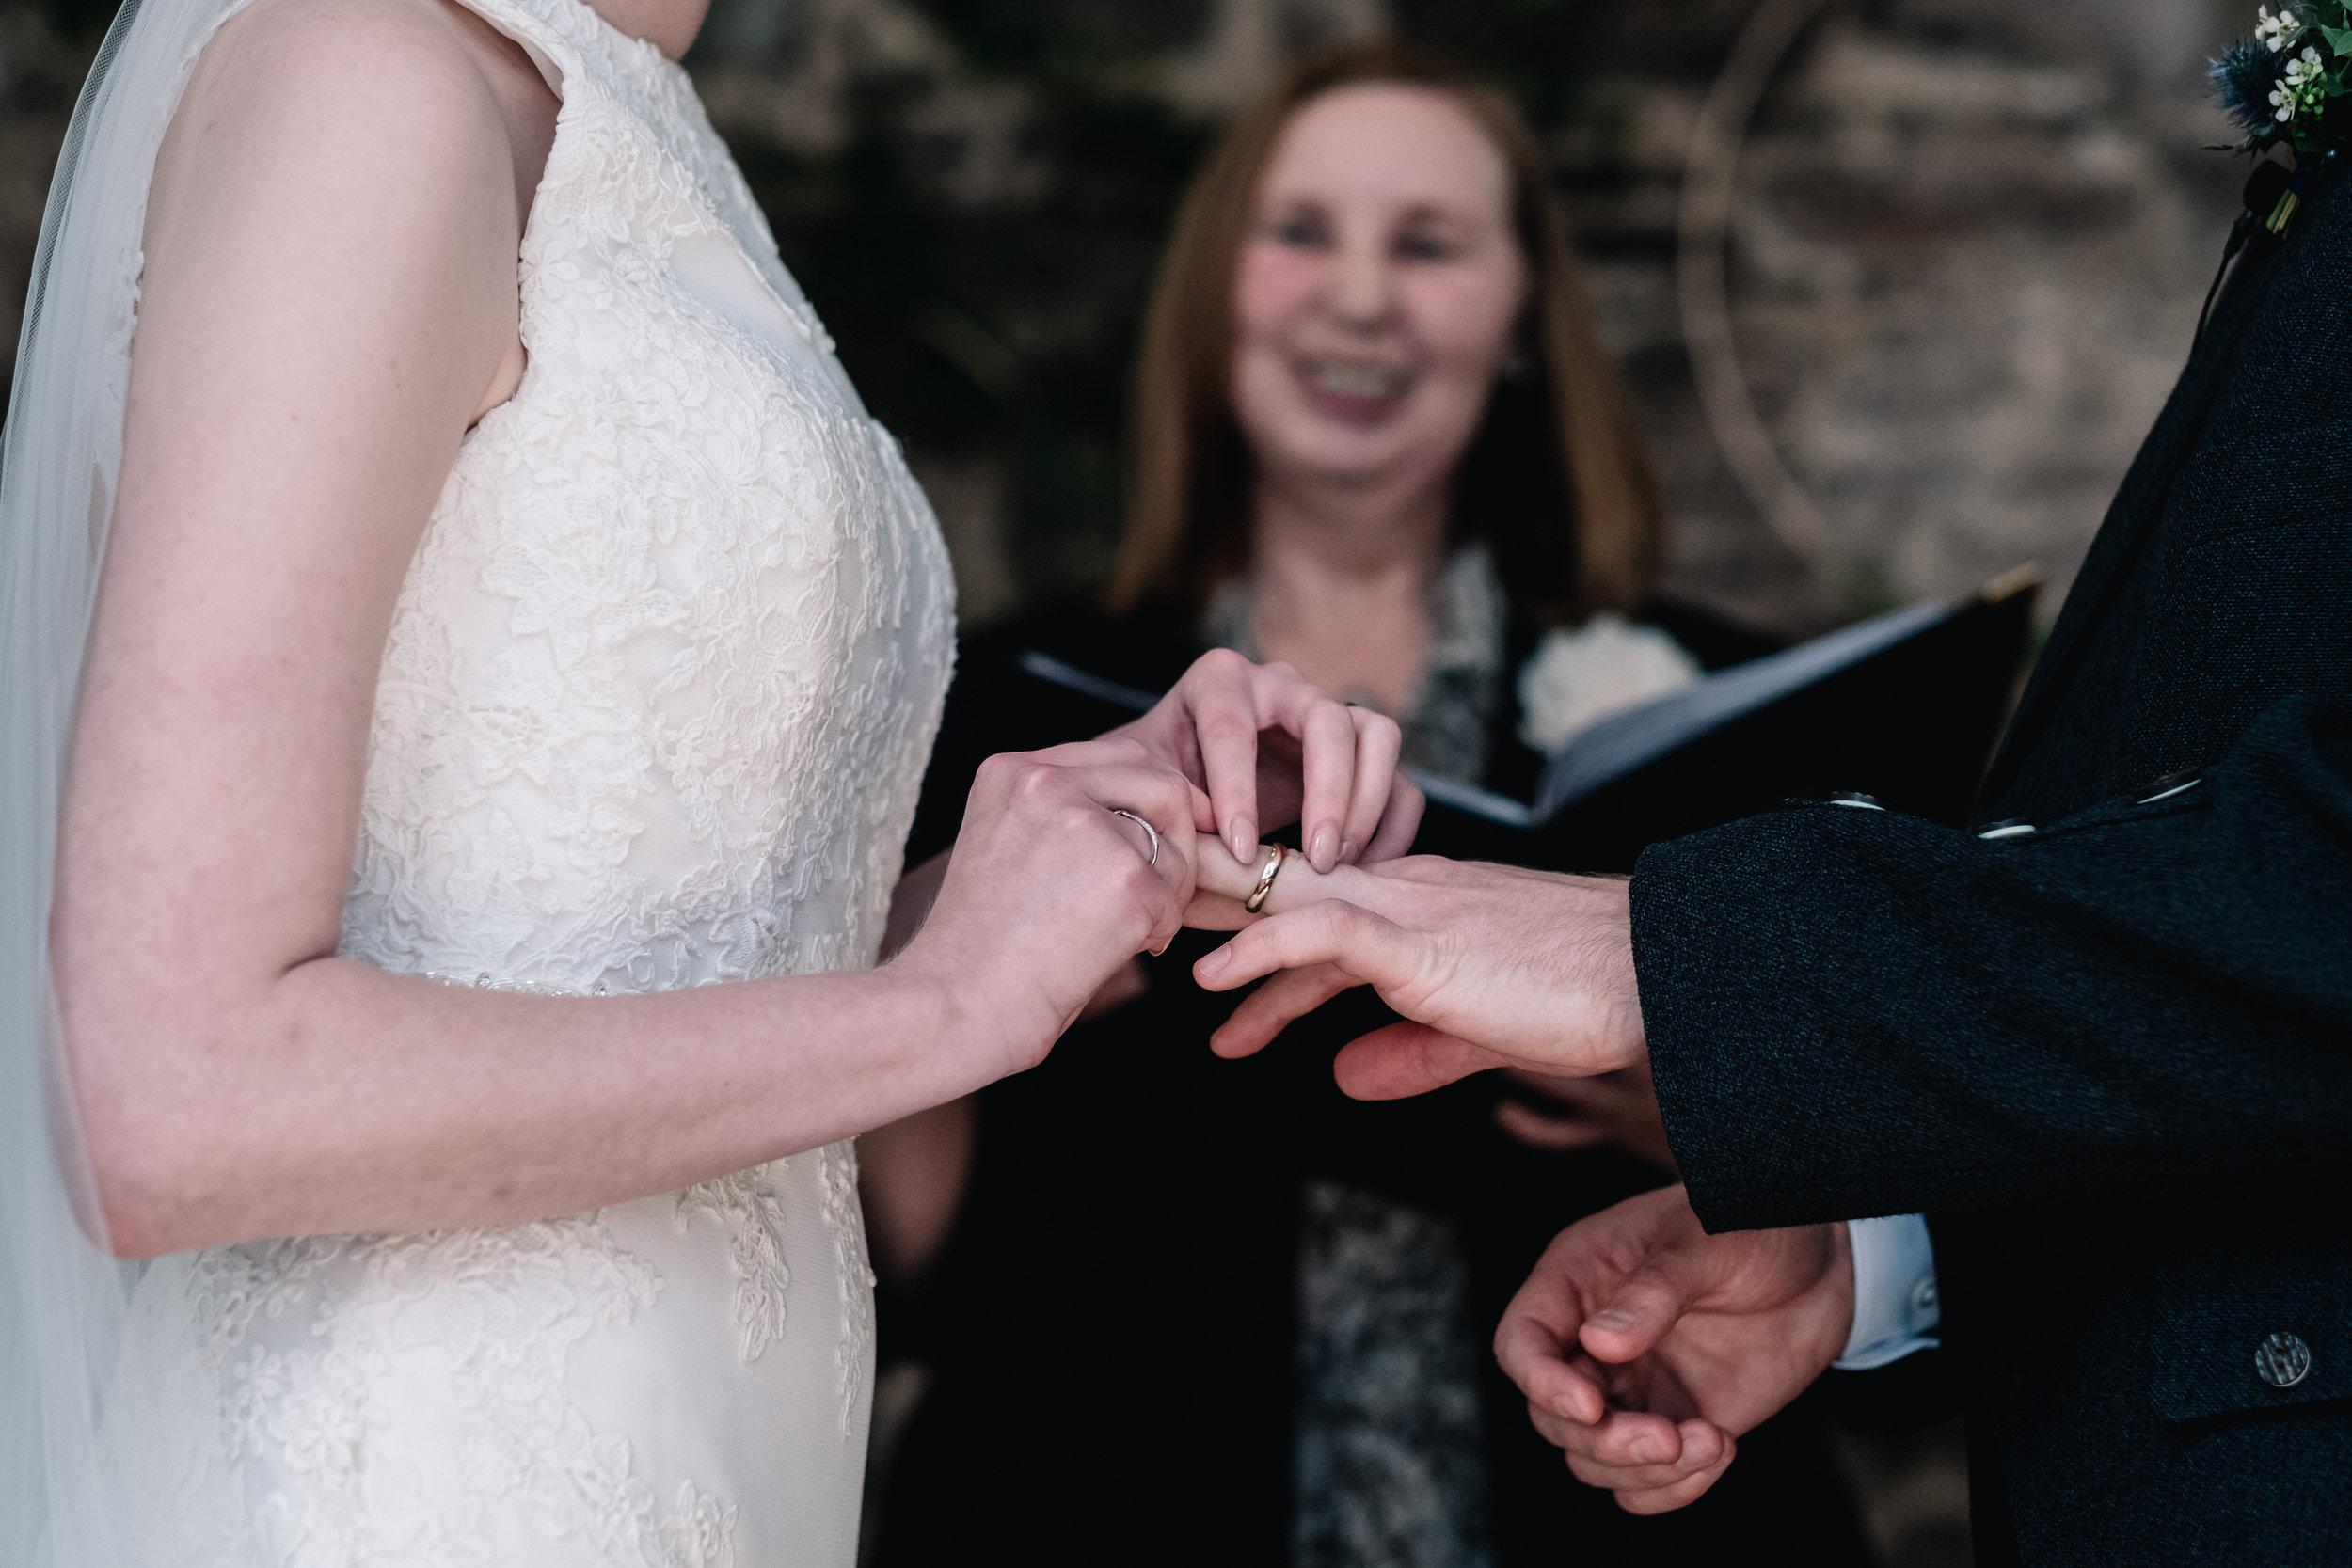 Exchange of wedding bands